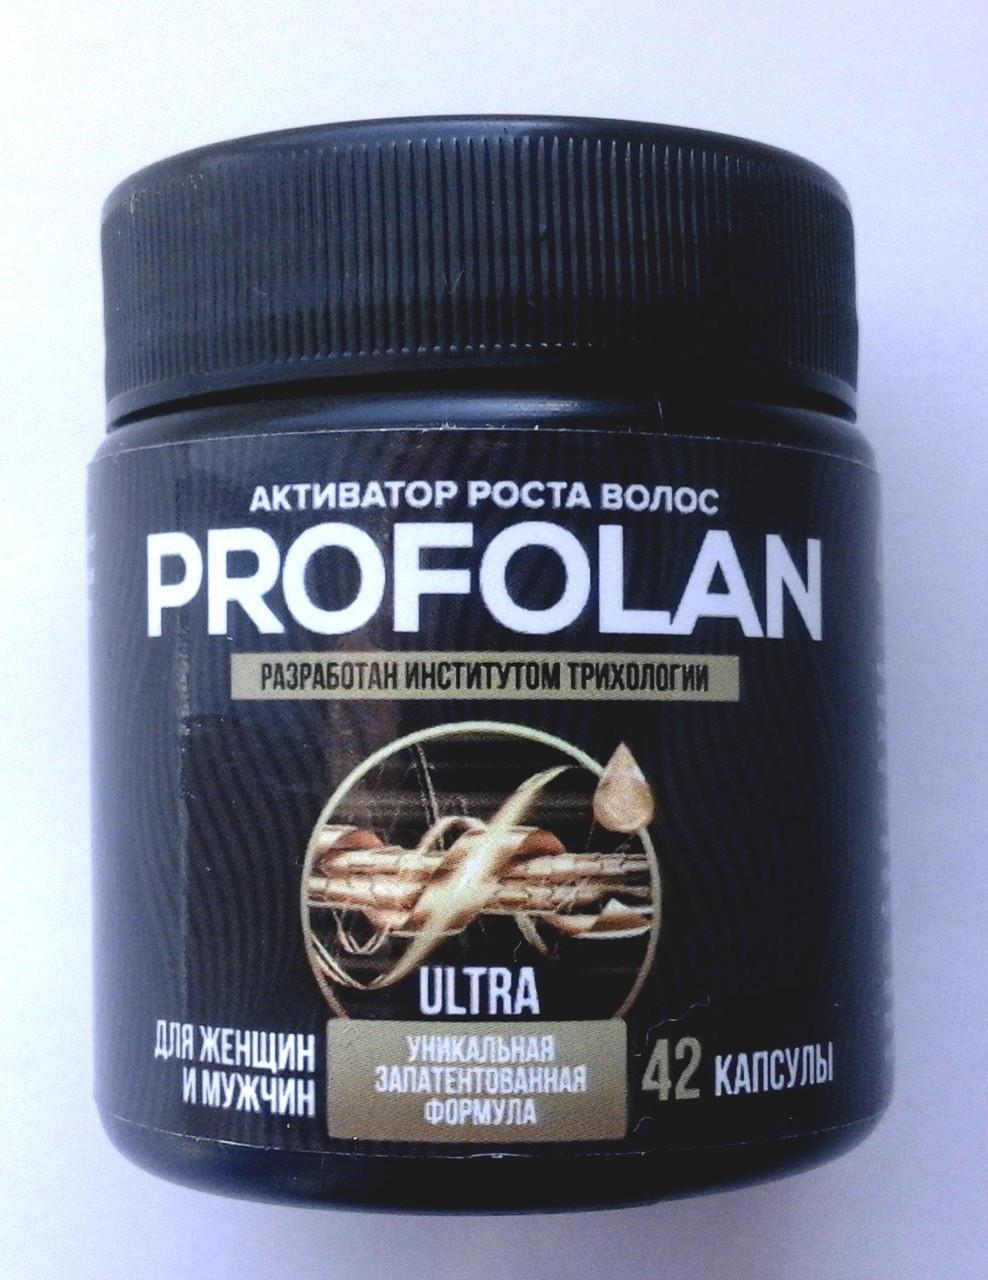 PROFOLAN - активатор росту волосся (Профолан)